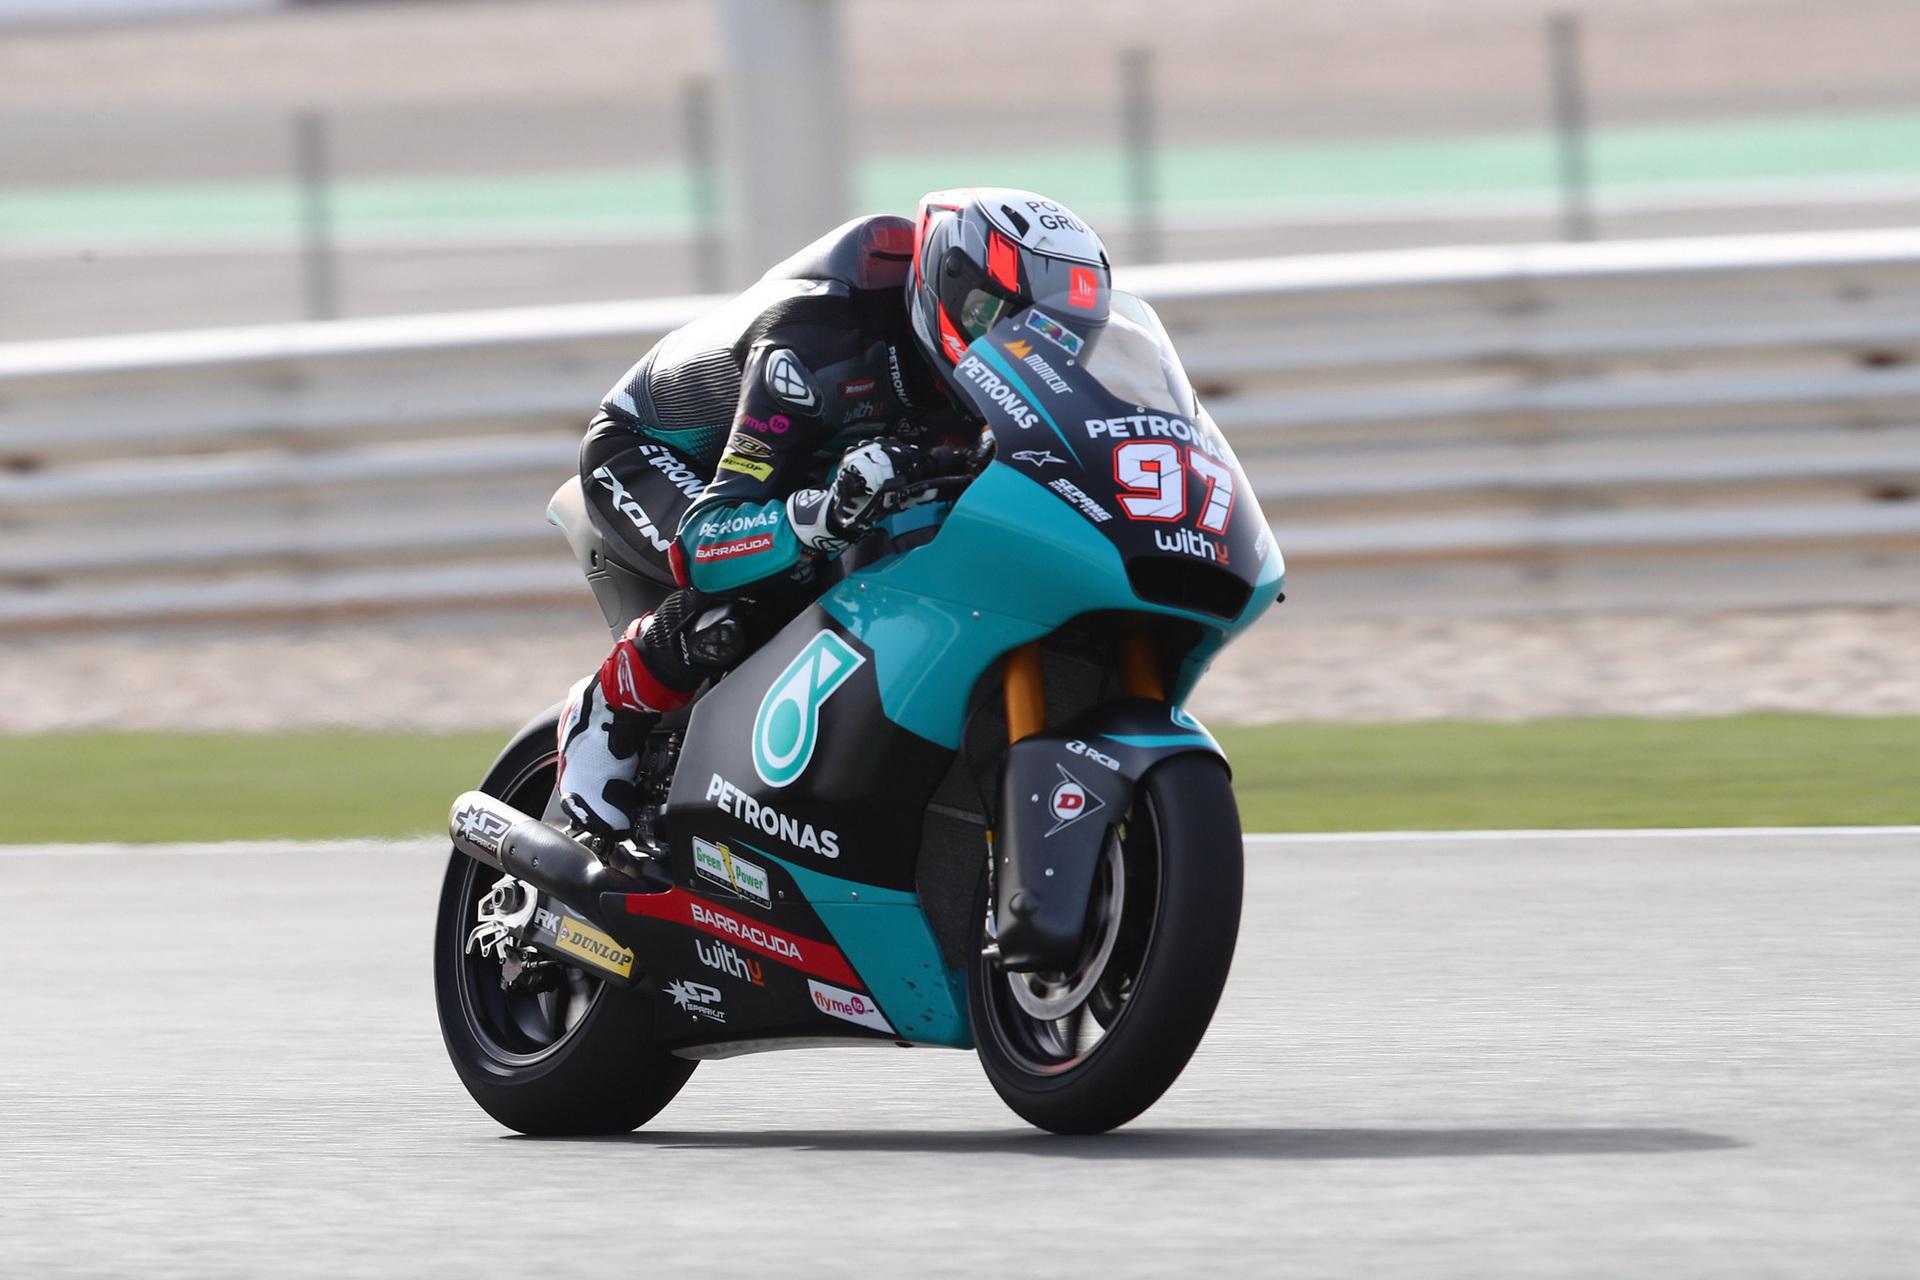 Moto2: Test de Qatar – 6 pilotos en 1 décima